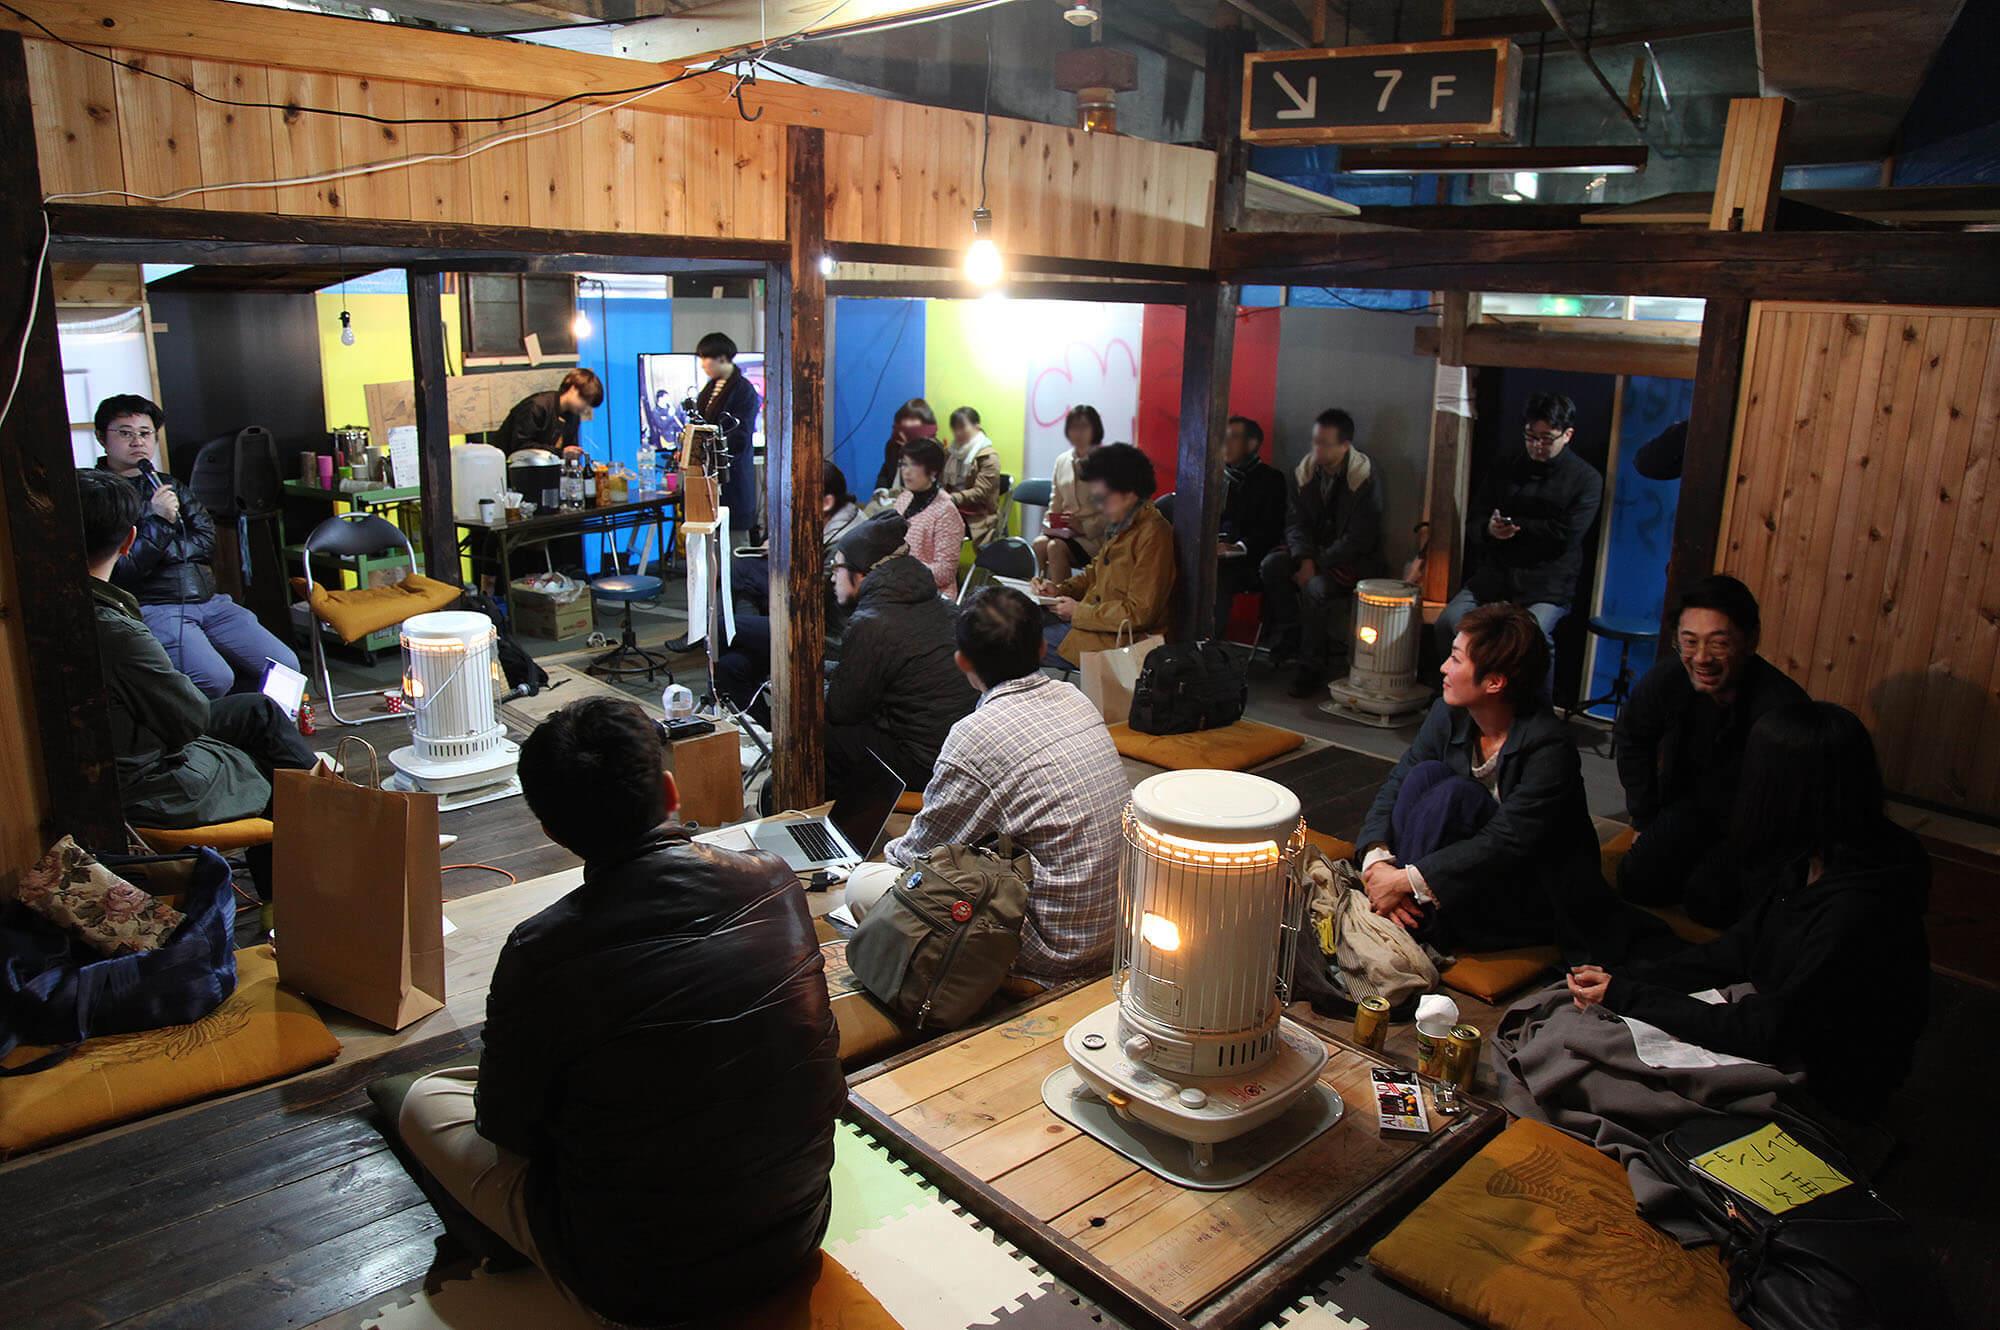 浜松まちなかアート ナデガタ・インスタント・パーティー|offsociety inc. Hamamatsu Machinaka Art | Nadegata Instant Party